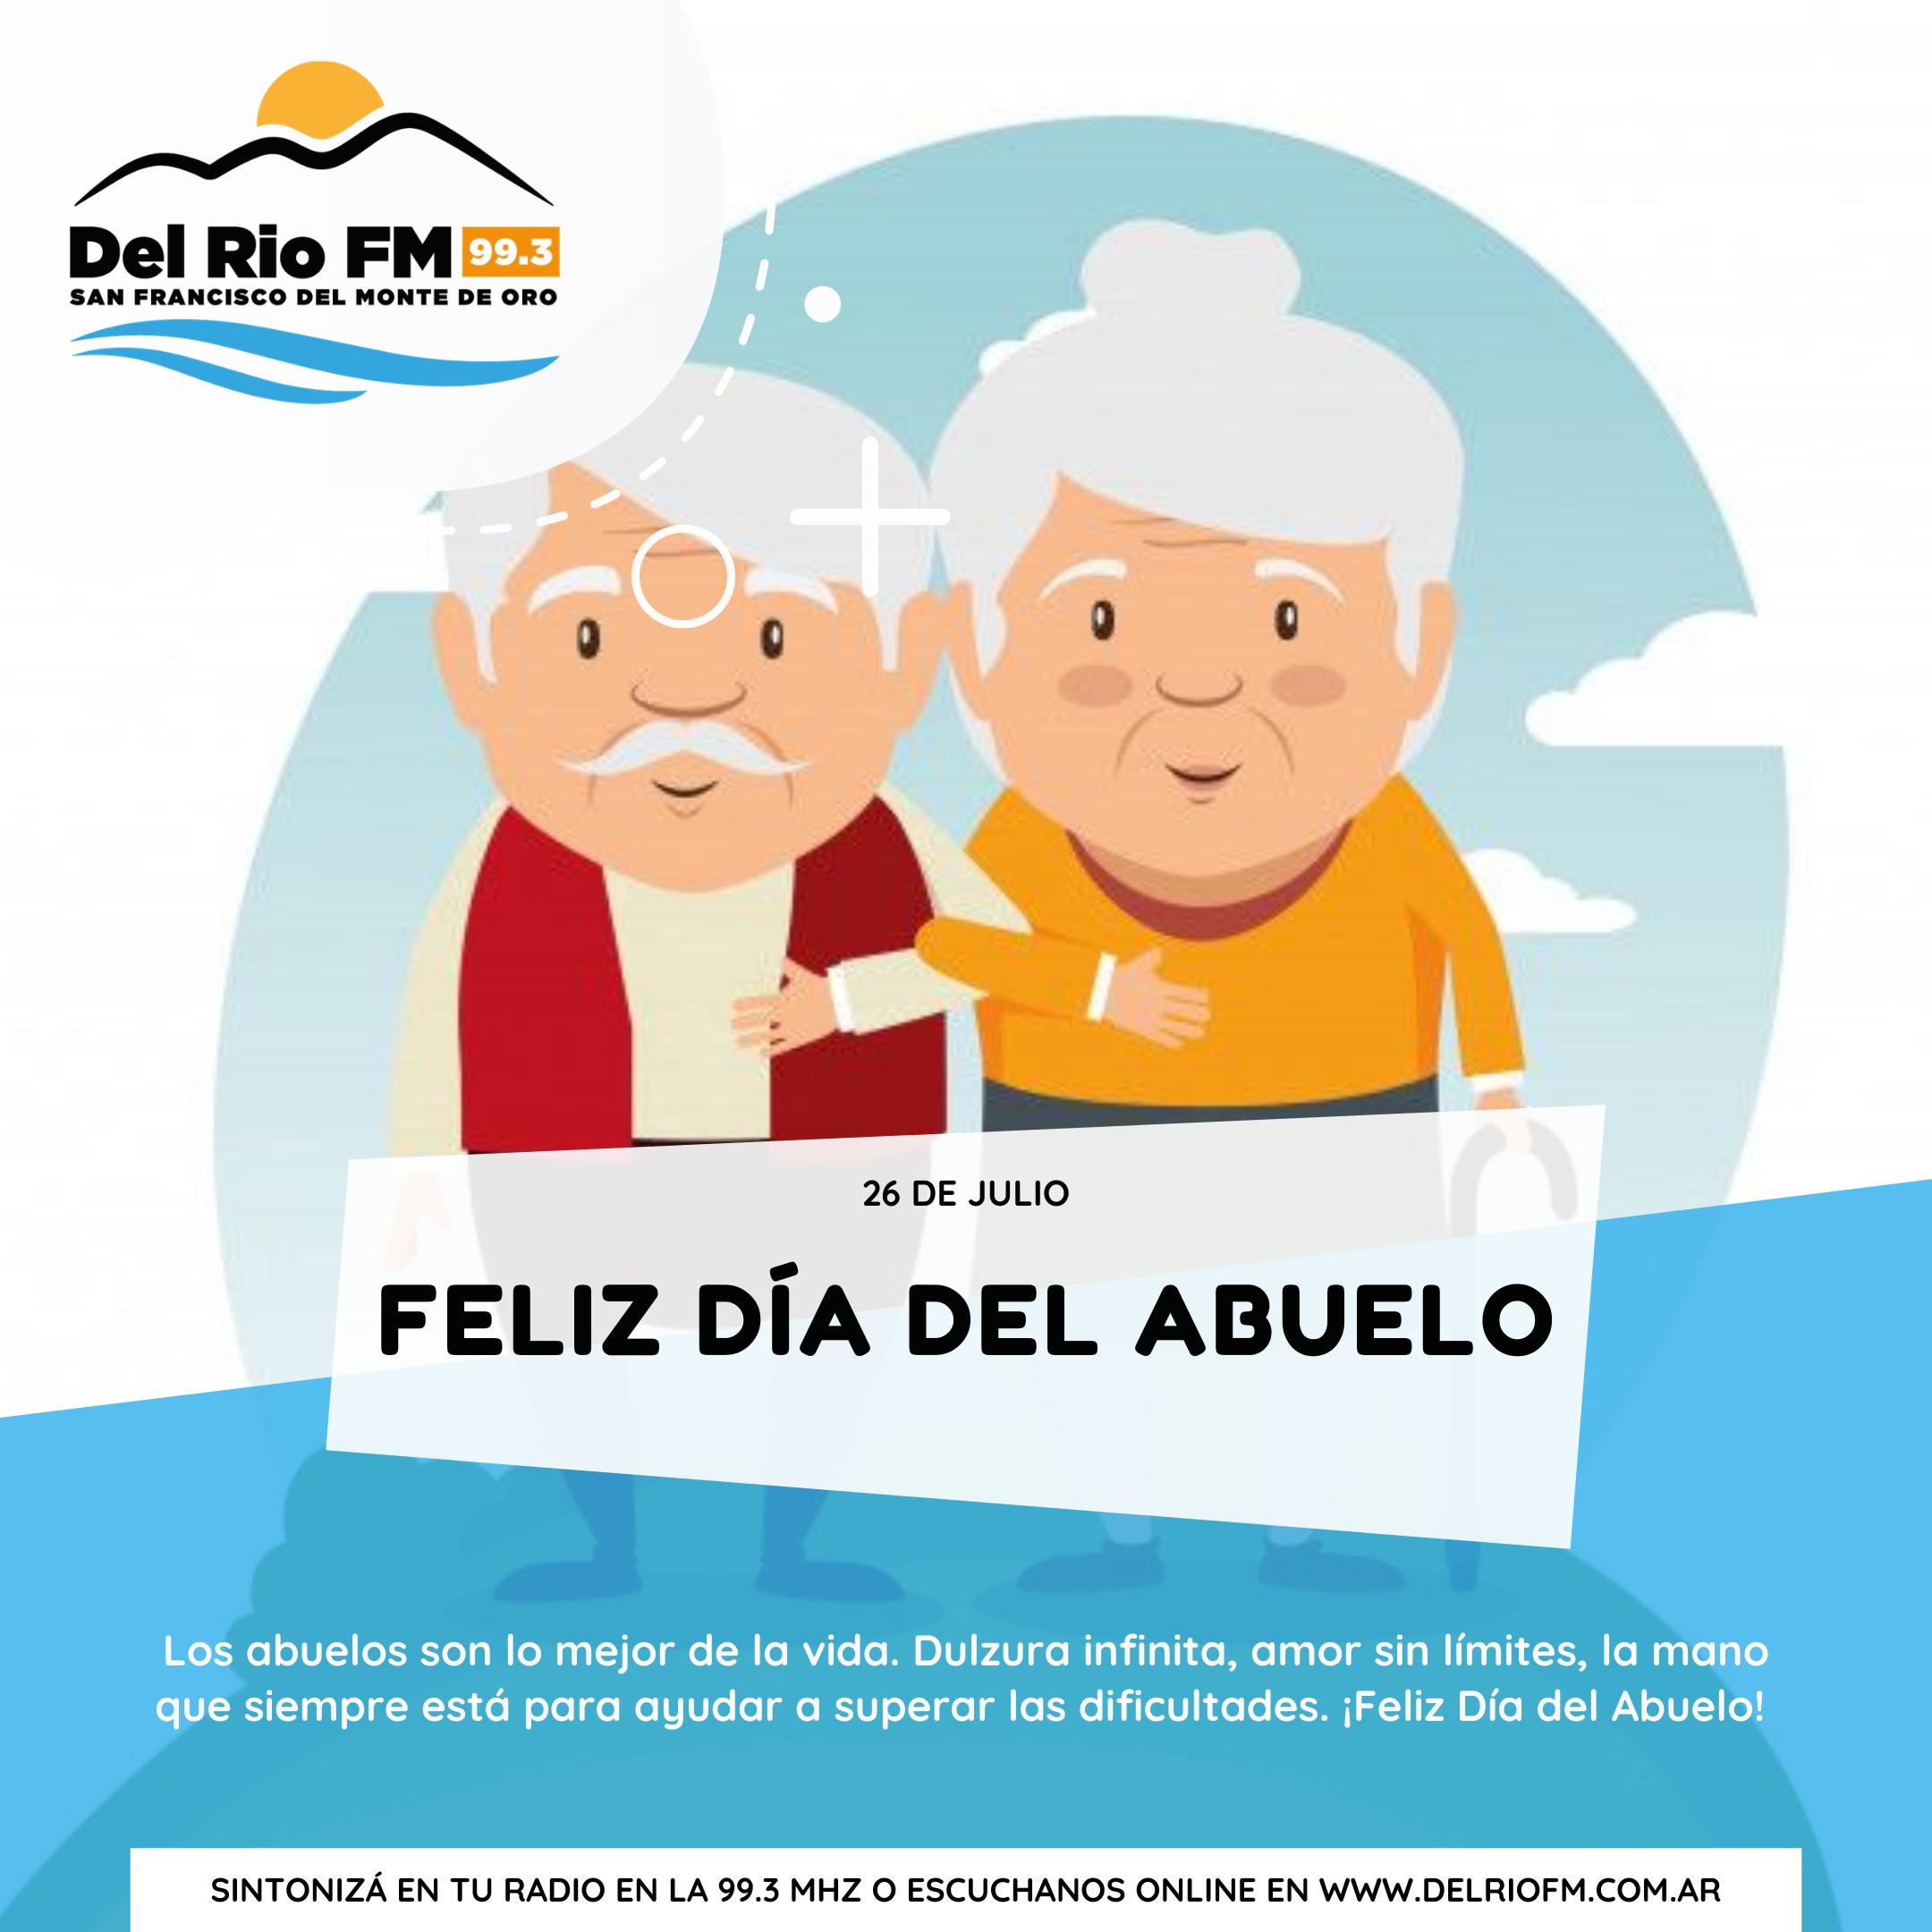 Del Rio FM 99.3